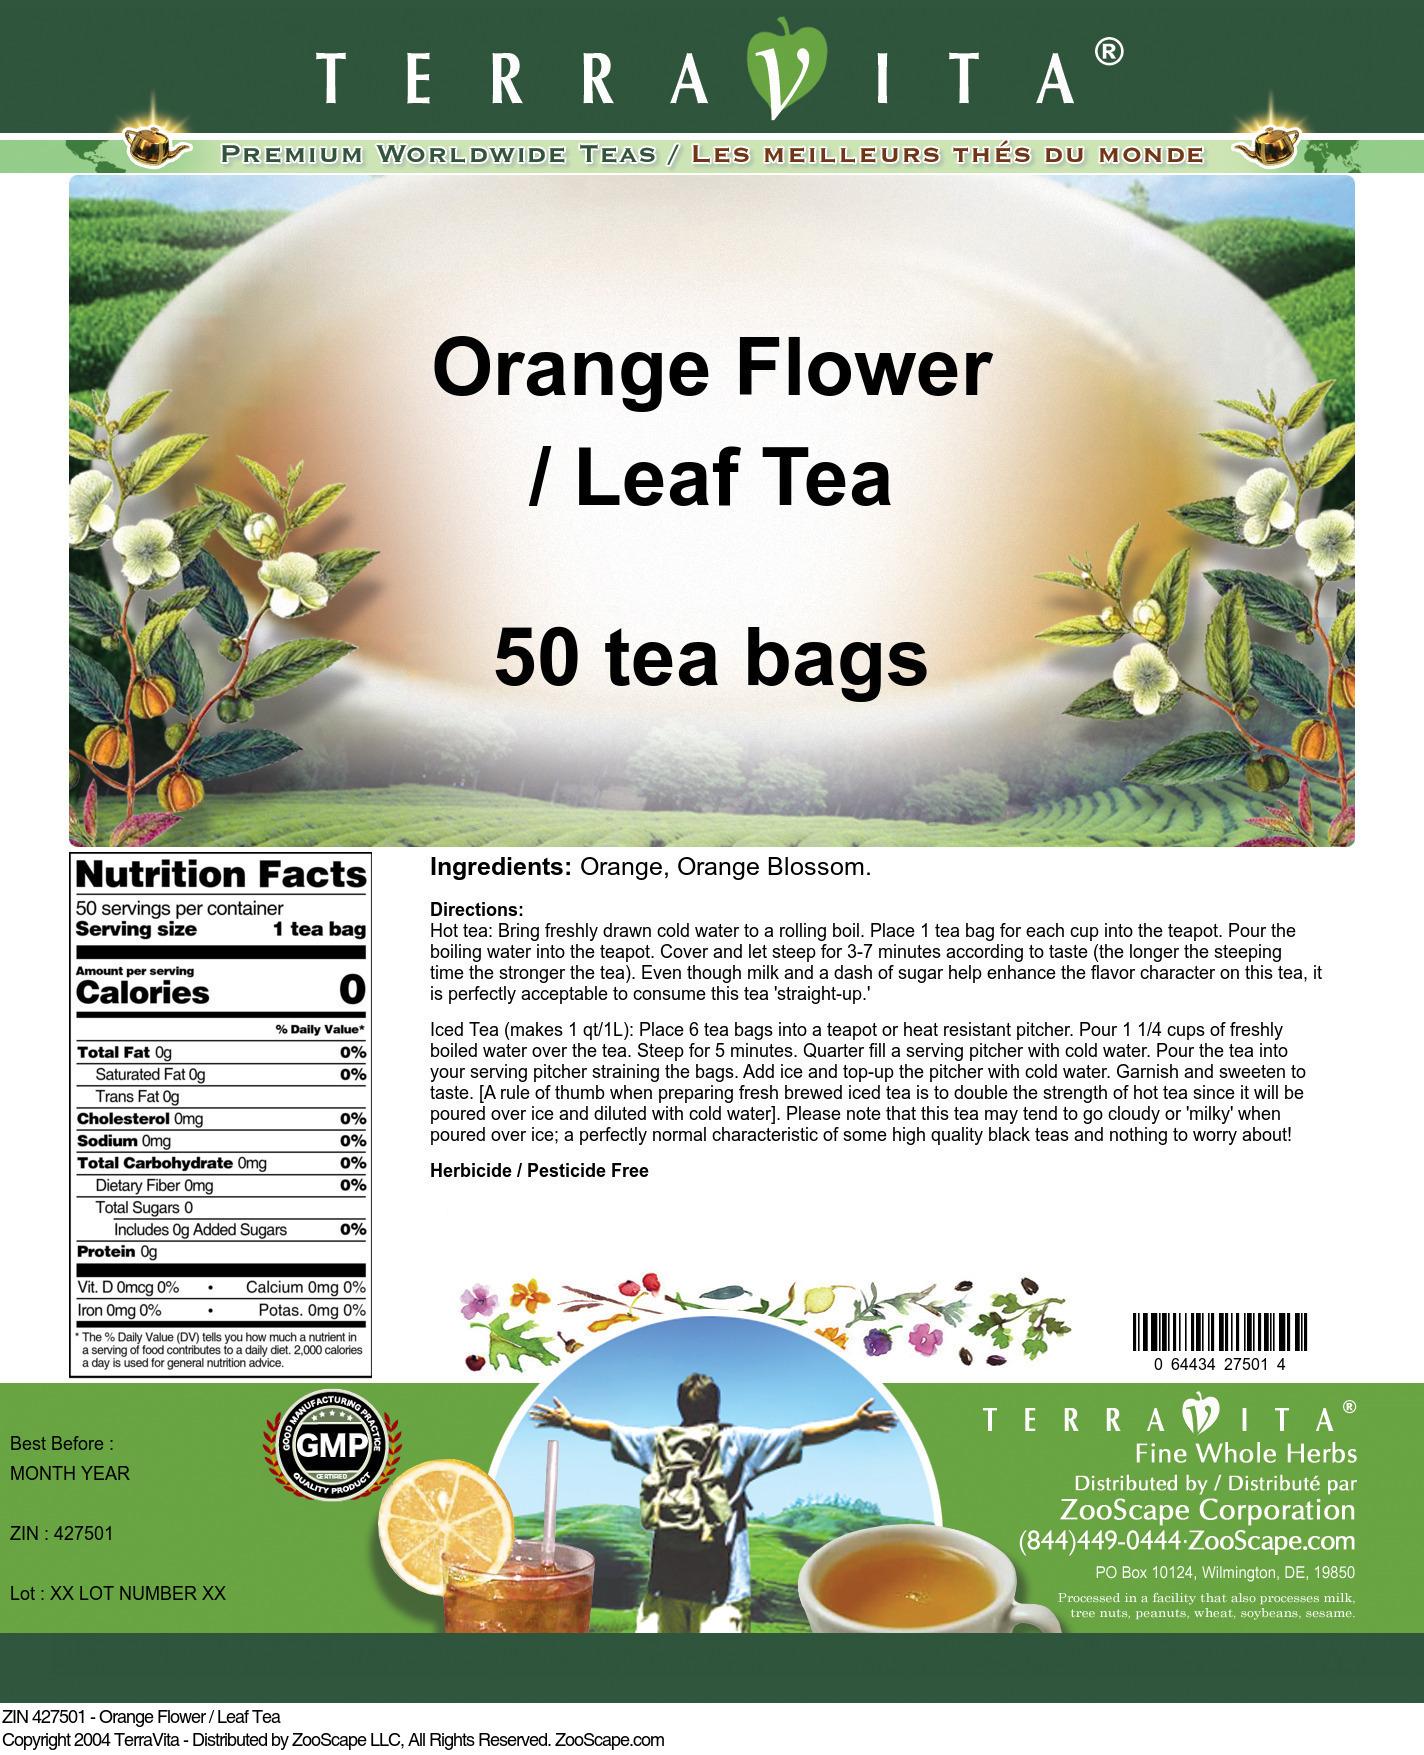 Orange Flower / Leaf Tea